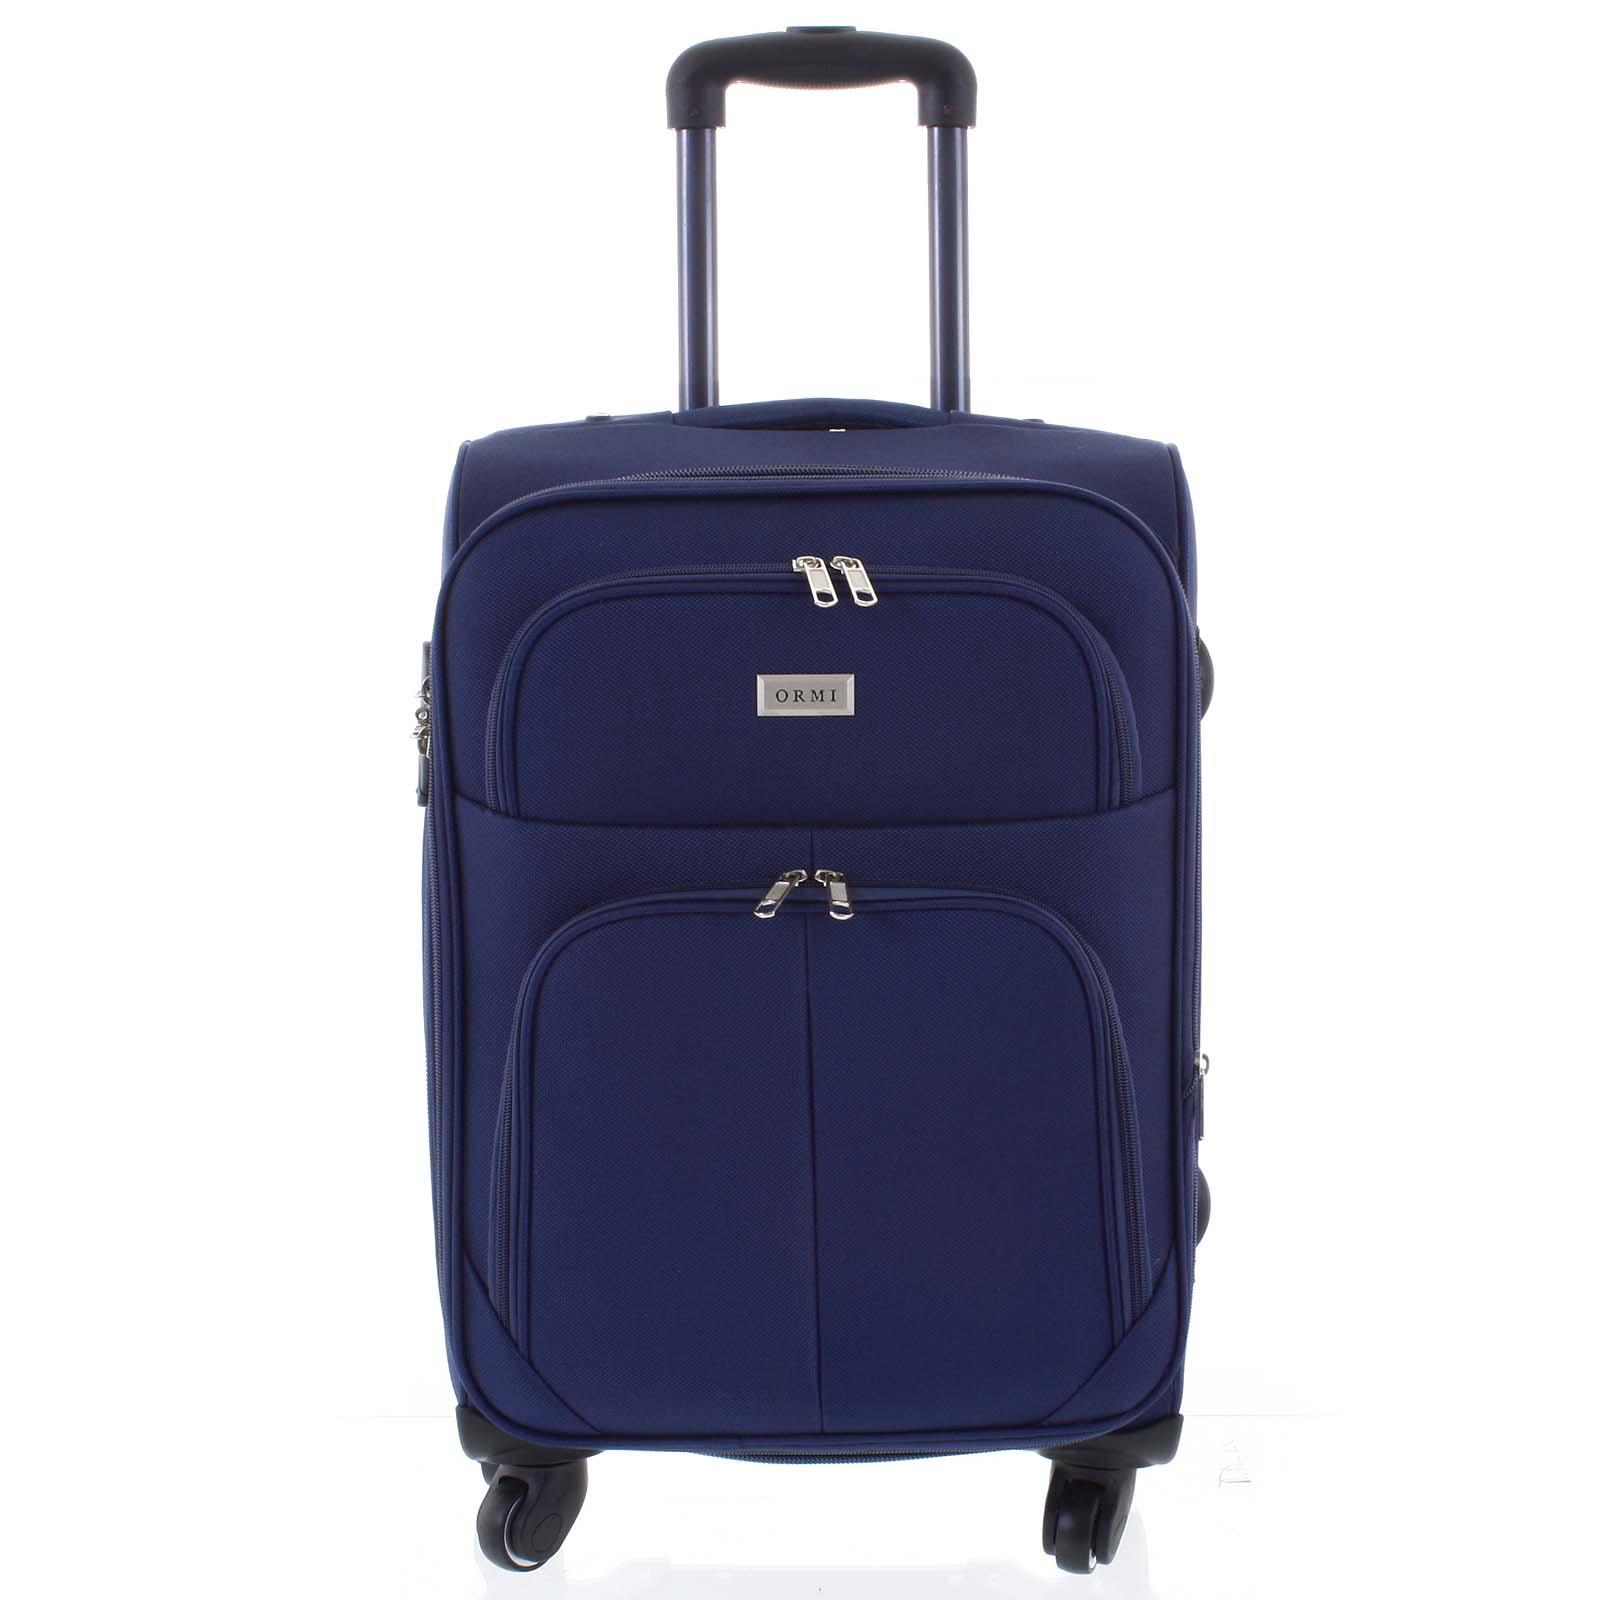 Cestovní kufr modrý - Ormi Tessa L